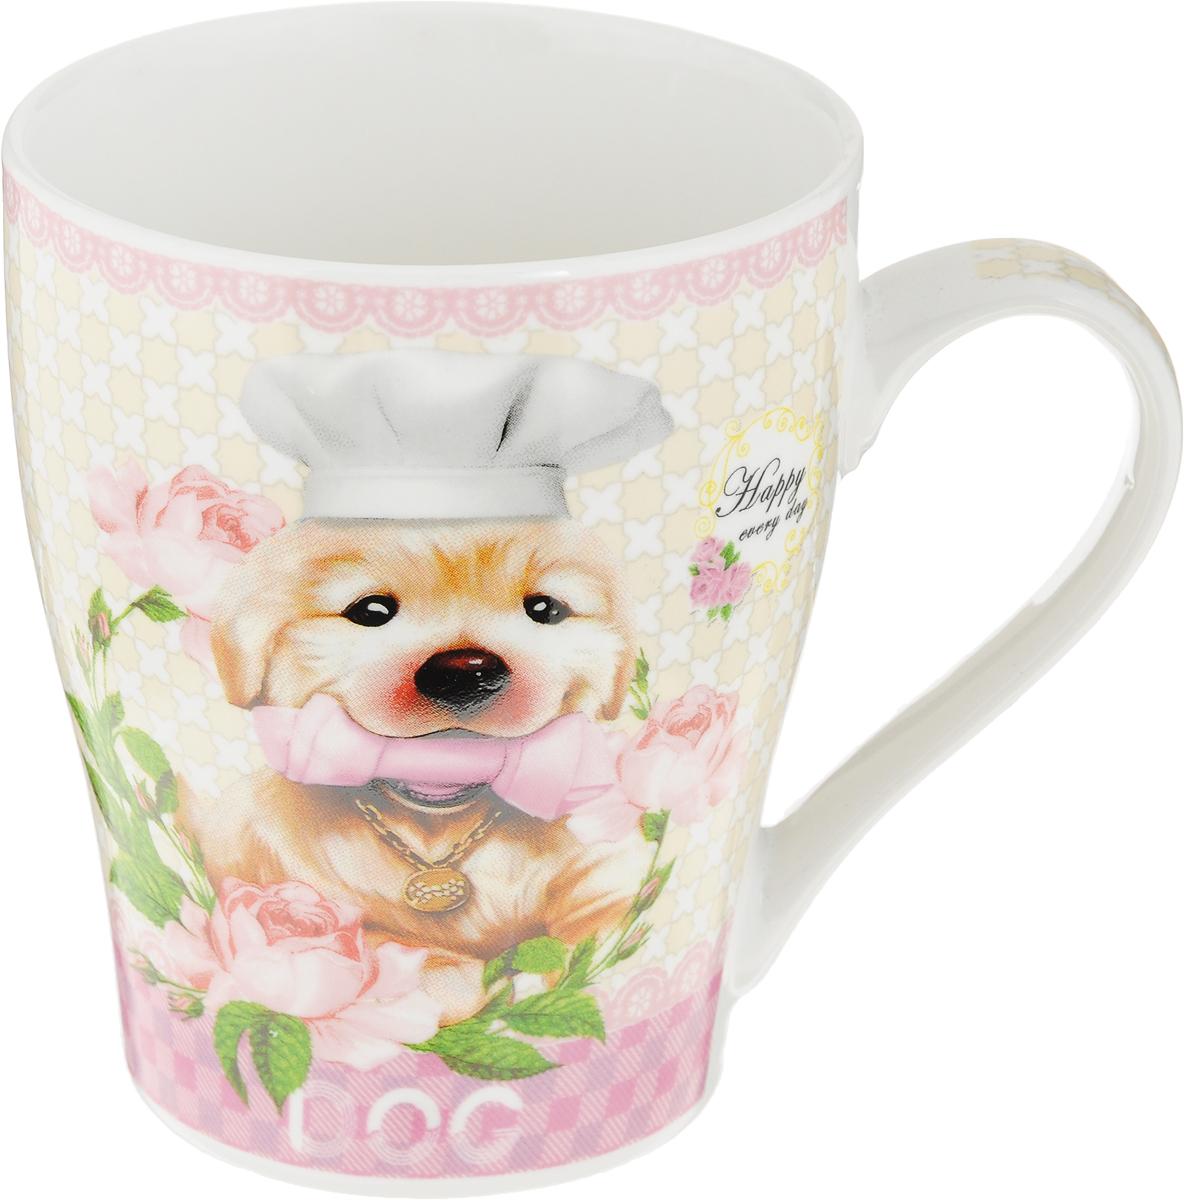 Кружка Loraine Собака, цвет: белый, розовый, бежевый, 340 мл. 2656126561_костьКружка Loraine Собака, выполненная из костяного фарфора и украшенная ярким рисунком, станет красивым и полезным подарком для ваших родных и близких. Дизайн изделия придется по вкусу и ценителям классики, и тем, кто предпочитает утонченность и изысканность.Кружка настроит на позитивный лад и подарит хорошее настроение с самого утра.Изделие пригодно для использования в микроволновой печи и холодильника.Подходит для мытья в посудомоечной машине.Диаметр (по верхнему краю): 8,3 см.Высота стенки: 10 см.Объем: 340 мл.